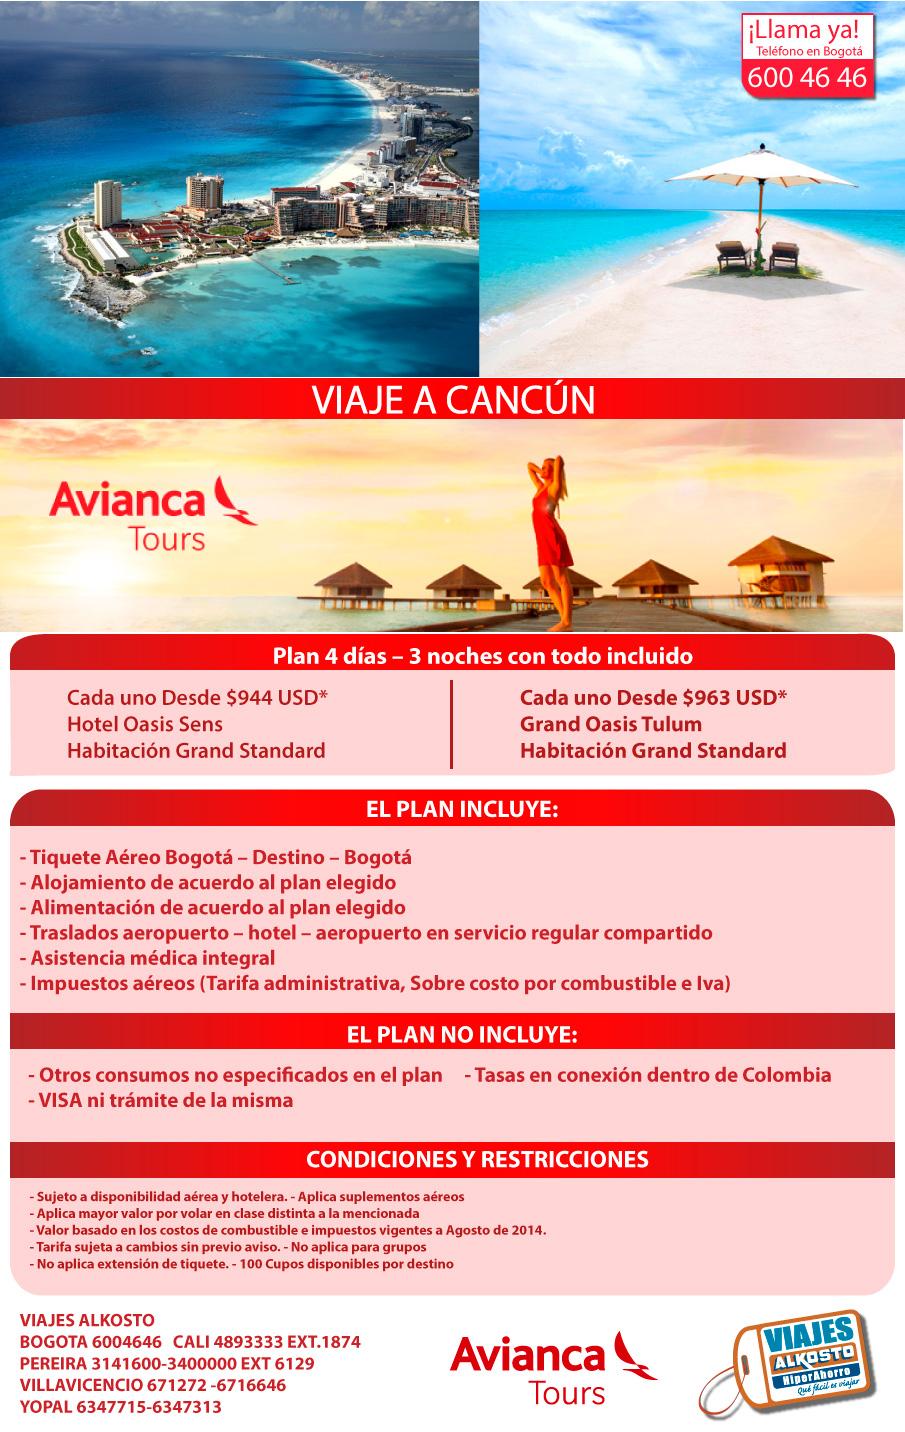 Viaje a Cancún septiembre con viajes alkosto